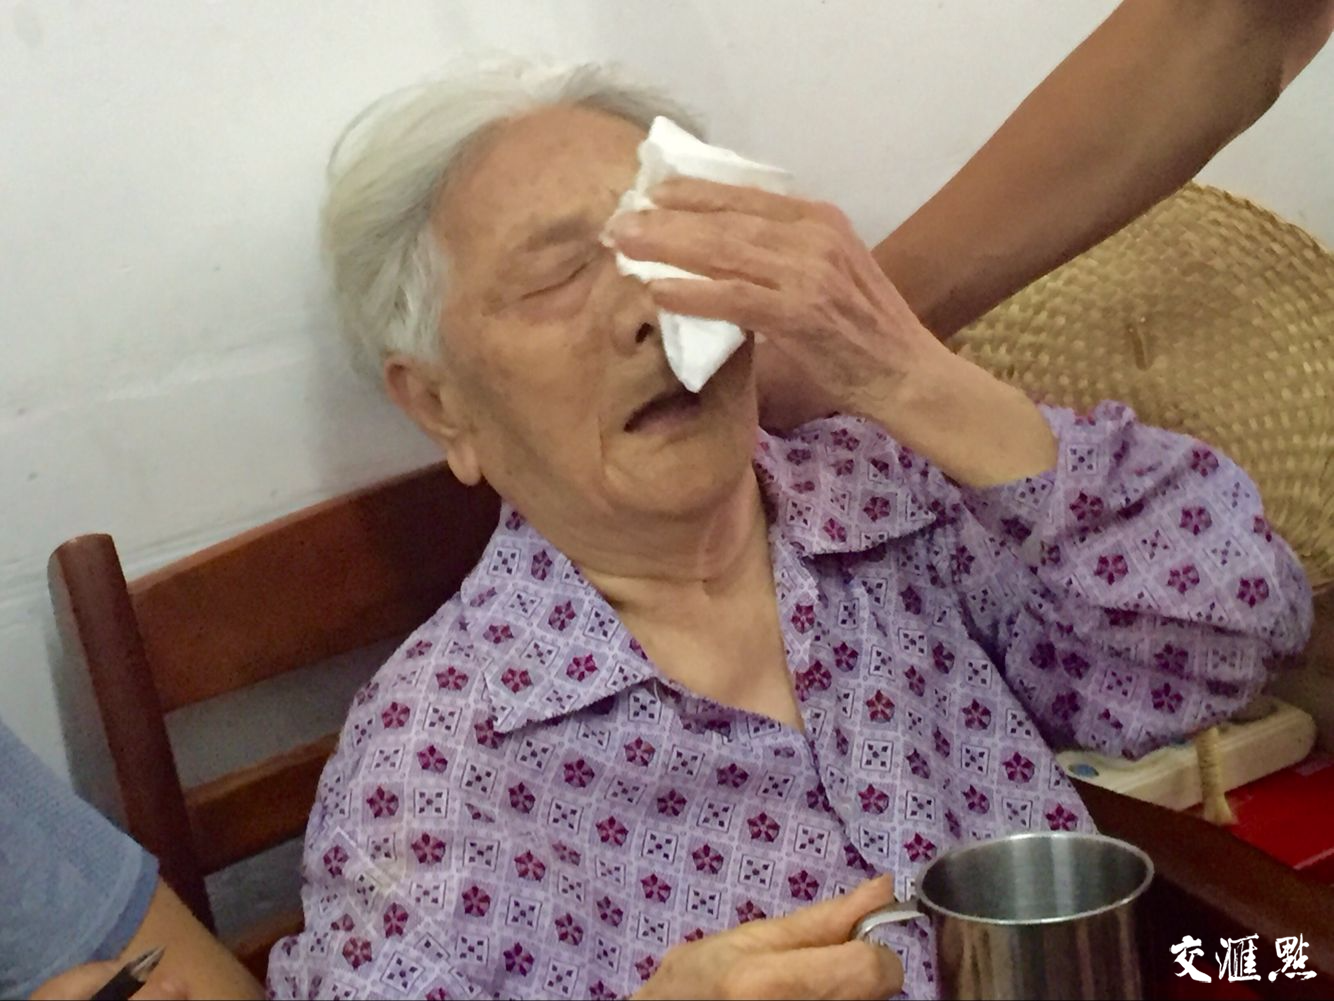 94岁老人勇敢站出来控诉日军慰安妇制度